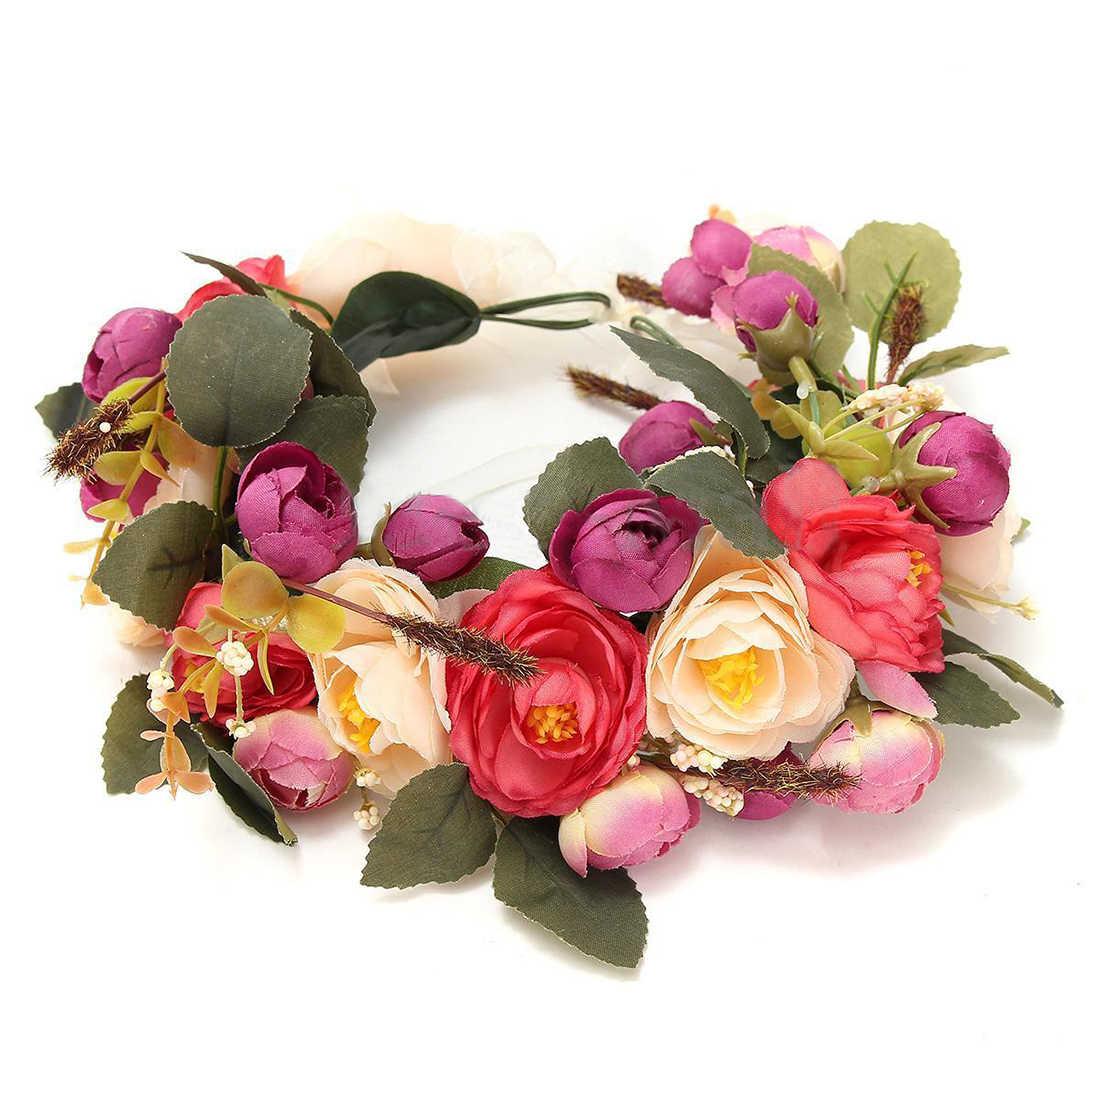 Цветочный венок на голову Женский Свадебный Цветочный венок Богемия Корона лента для волос Белоснежка